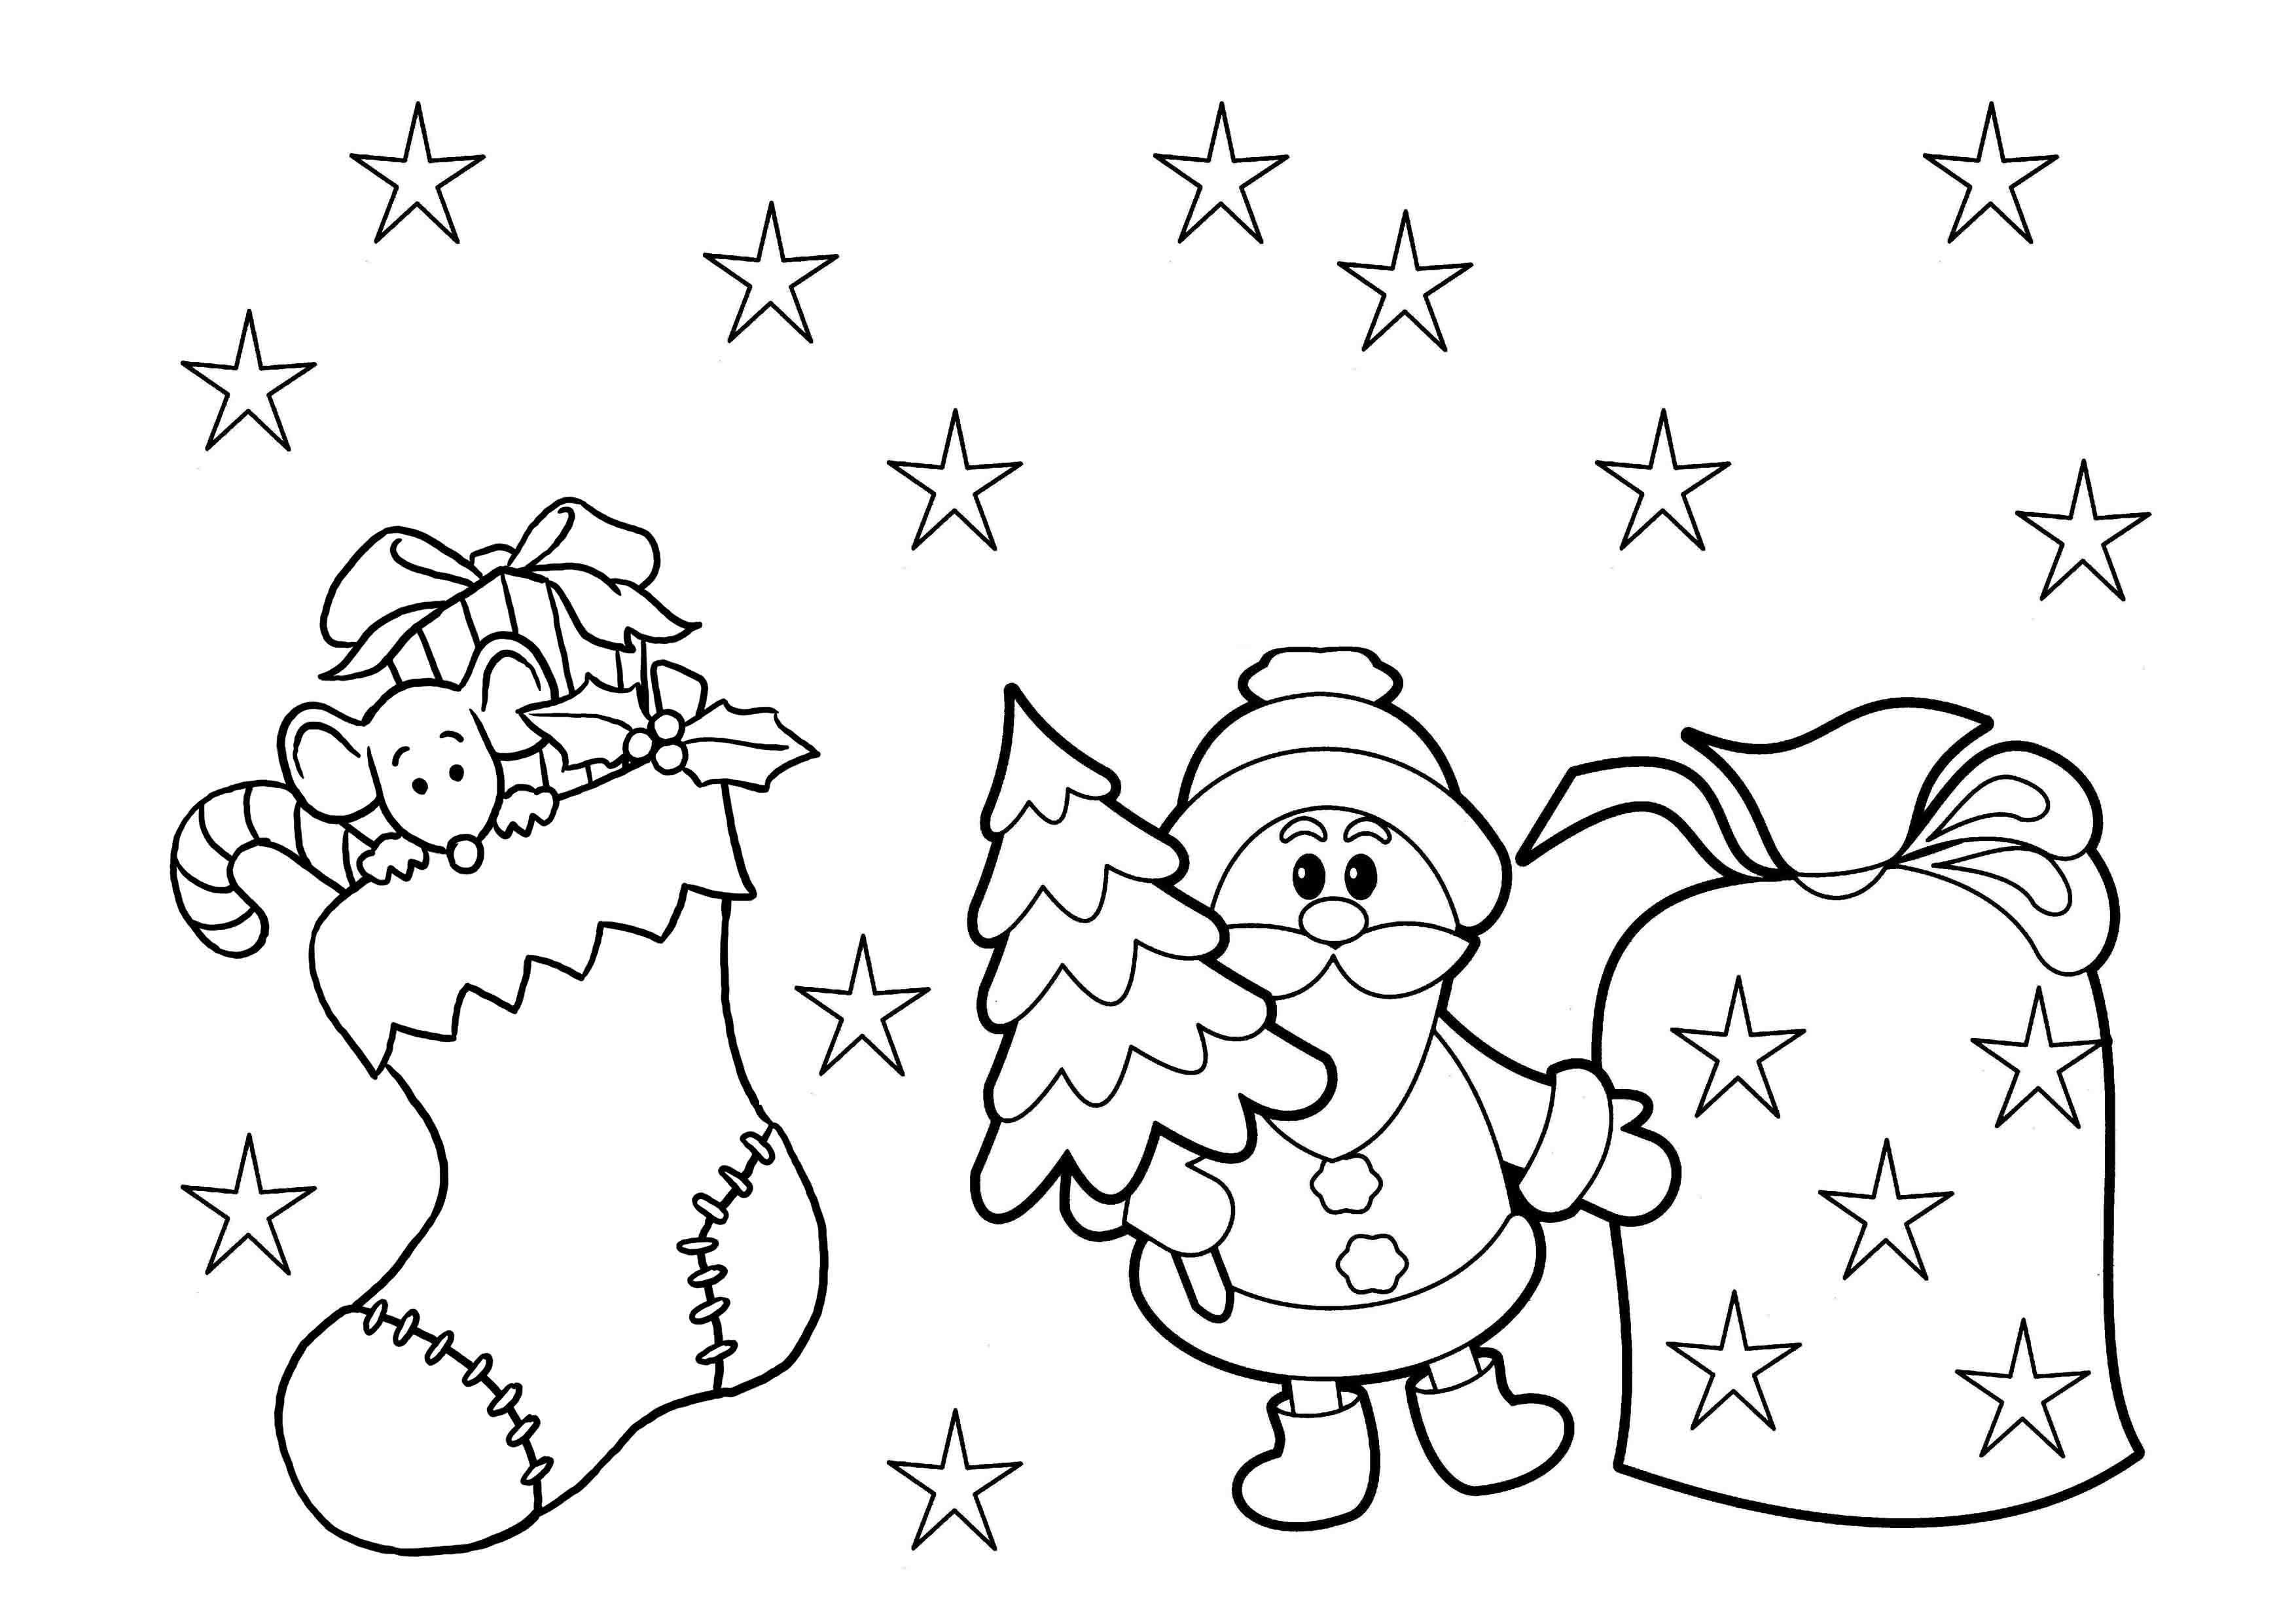 Print & Download - Printable Christmas Coloring Pages For Kids - Free Printable Christmas Coloring Pages For Kids